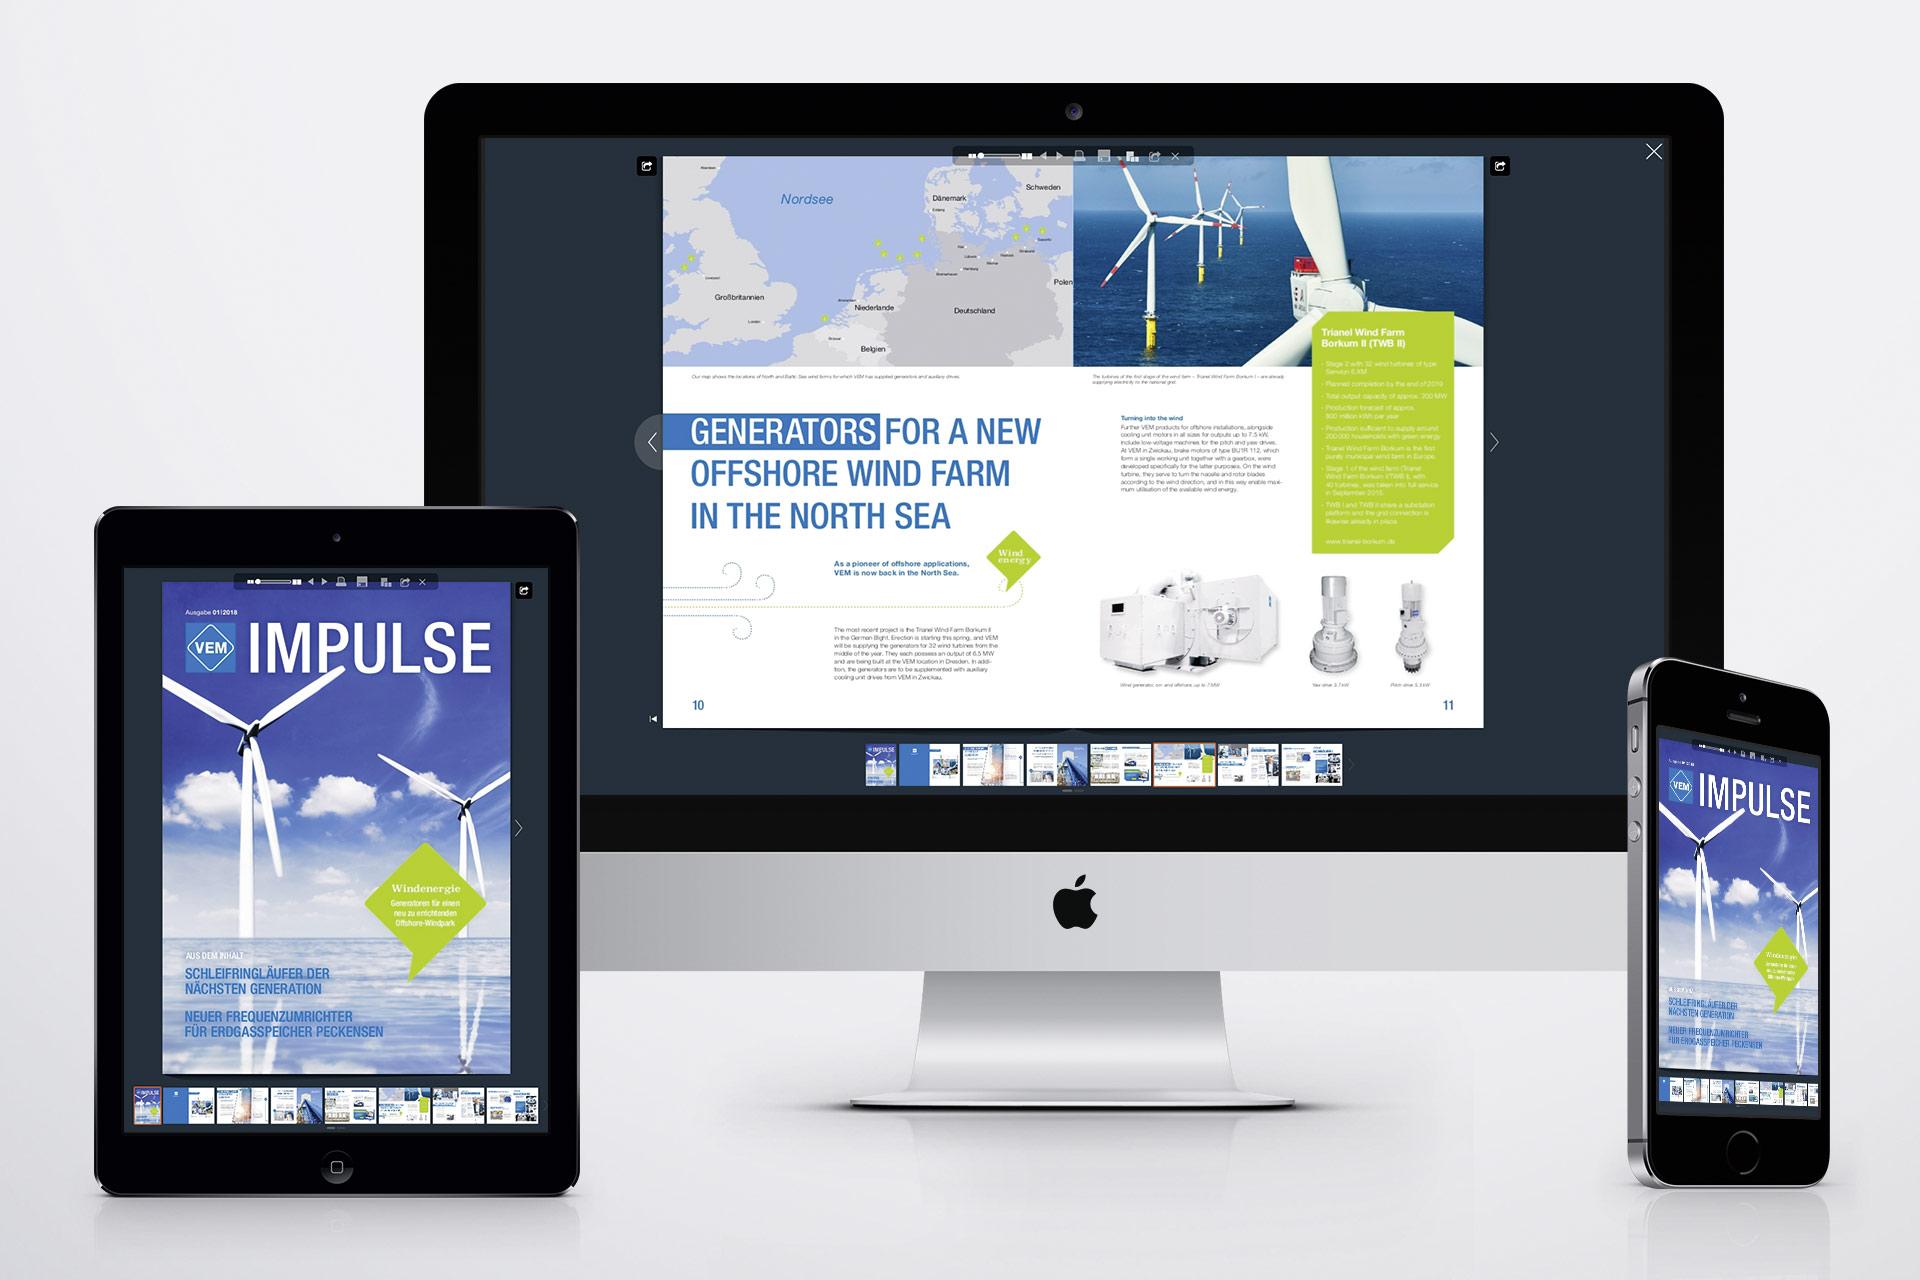 VEM Kundenzeitung Impulse online